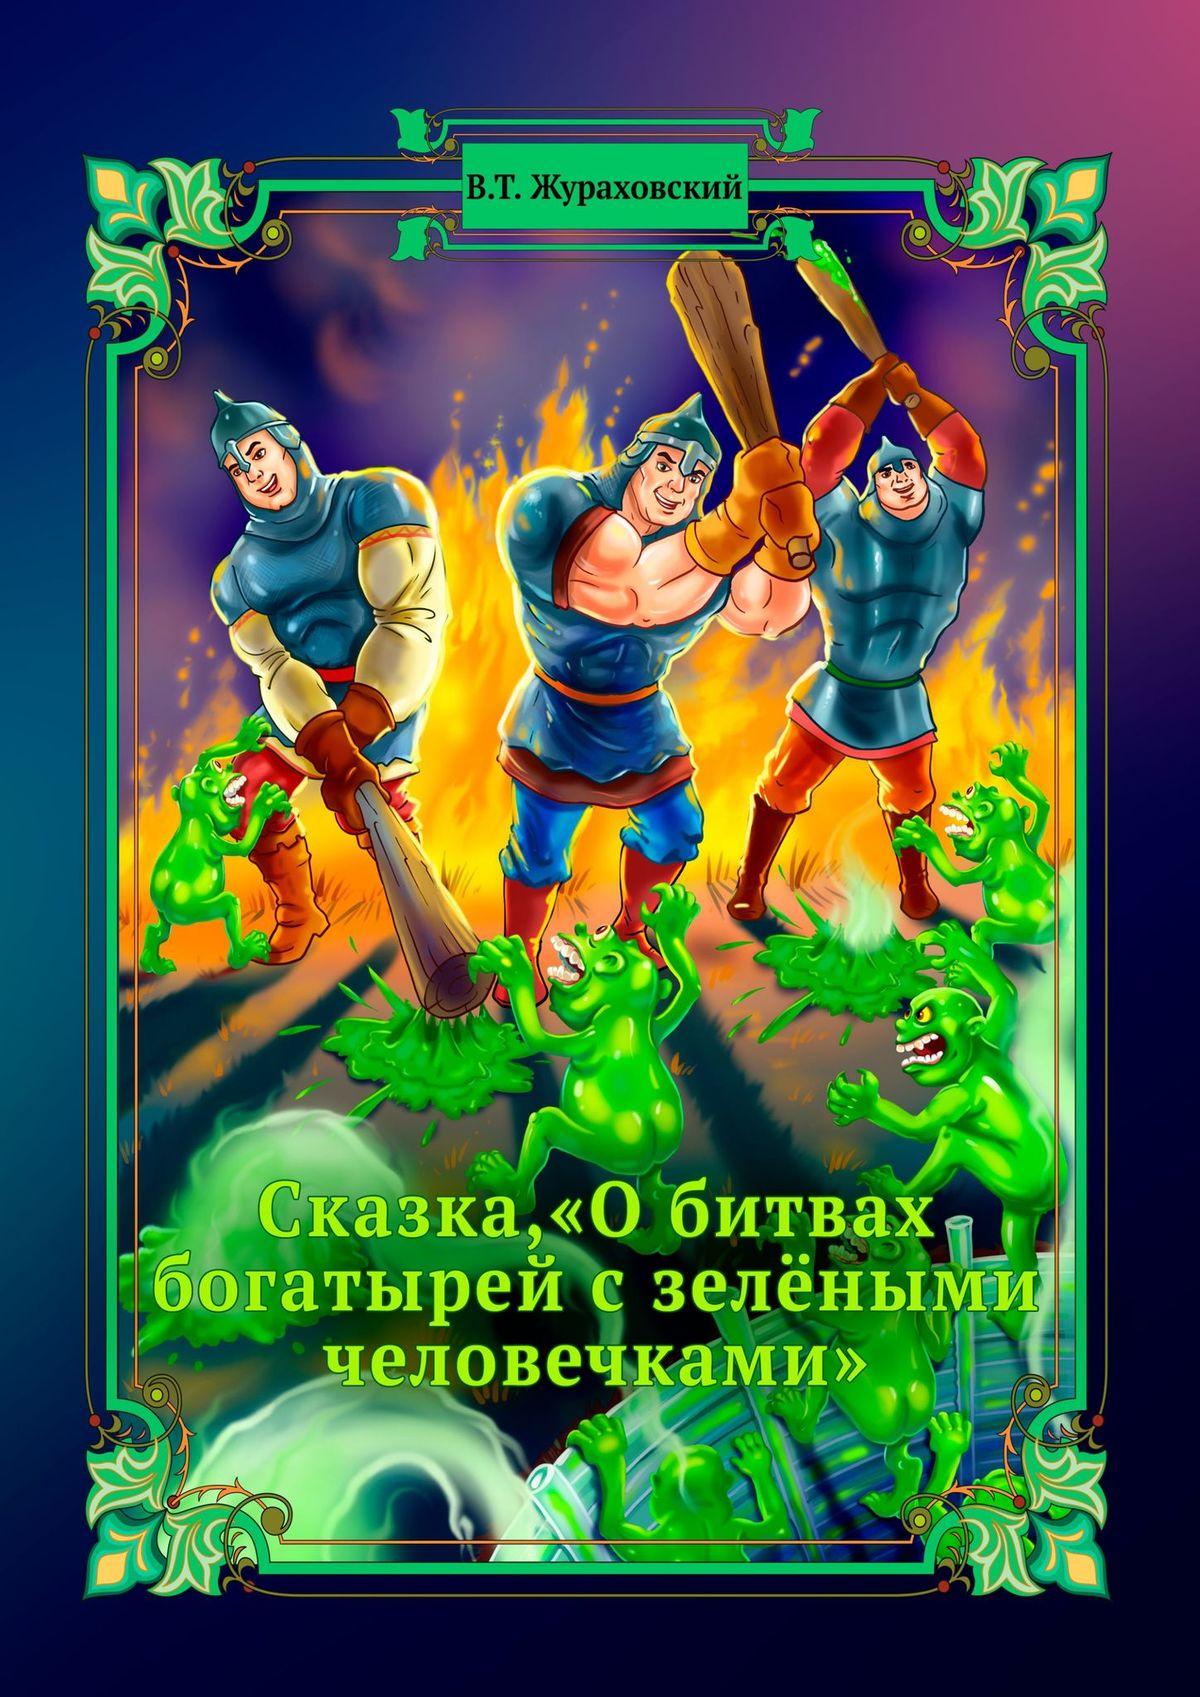 Василий Жураховский - Сказка, «Обитвах богатырей сзелёными человечками»